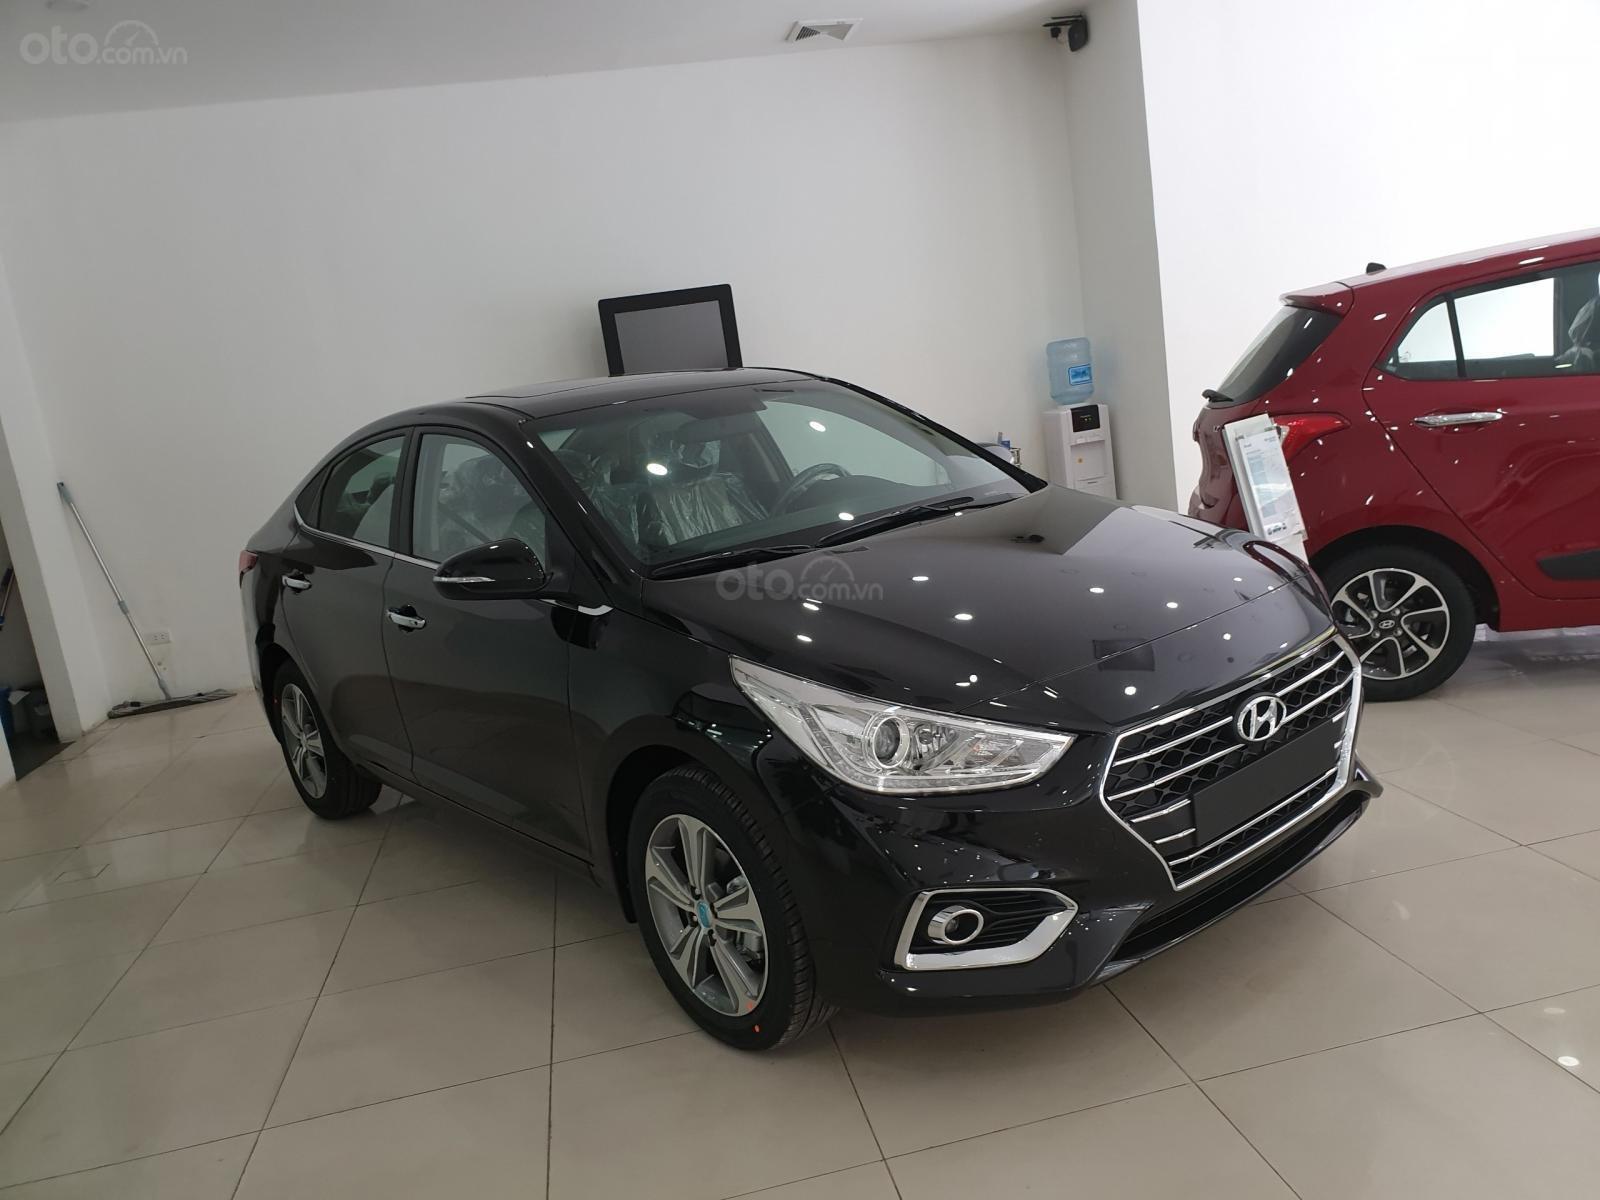 Hyundai Accent 2019, xe hiện đang có sẵn, khuyến mại cực cao, liên hệ ngay 0969895013 để ép giá-0